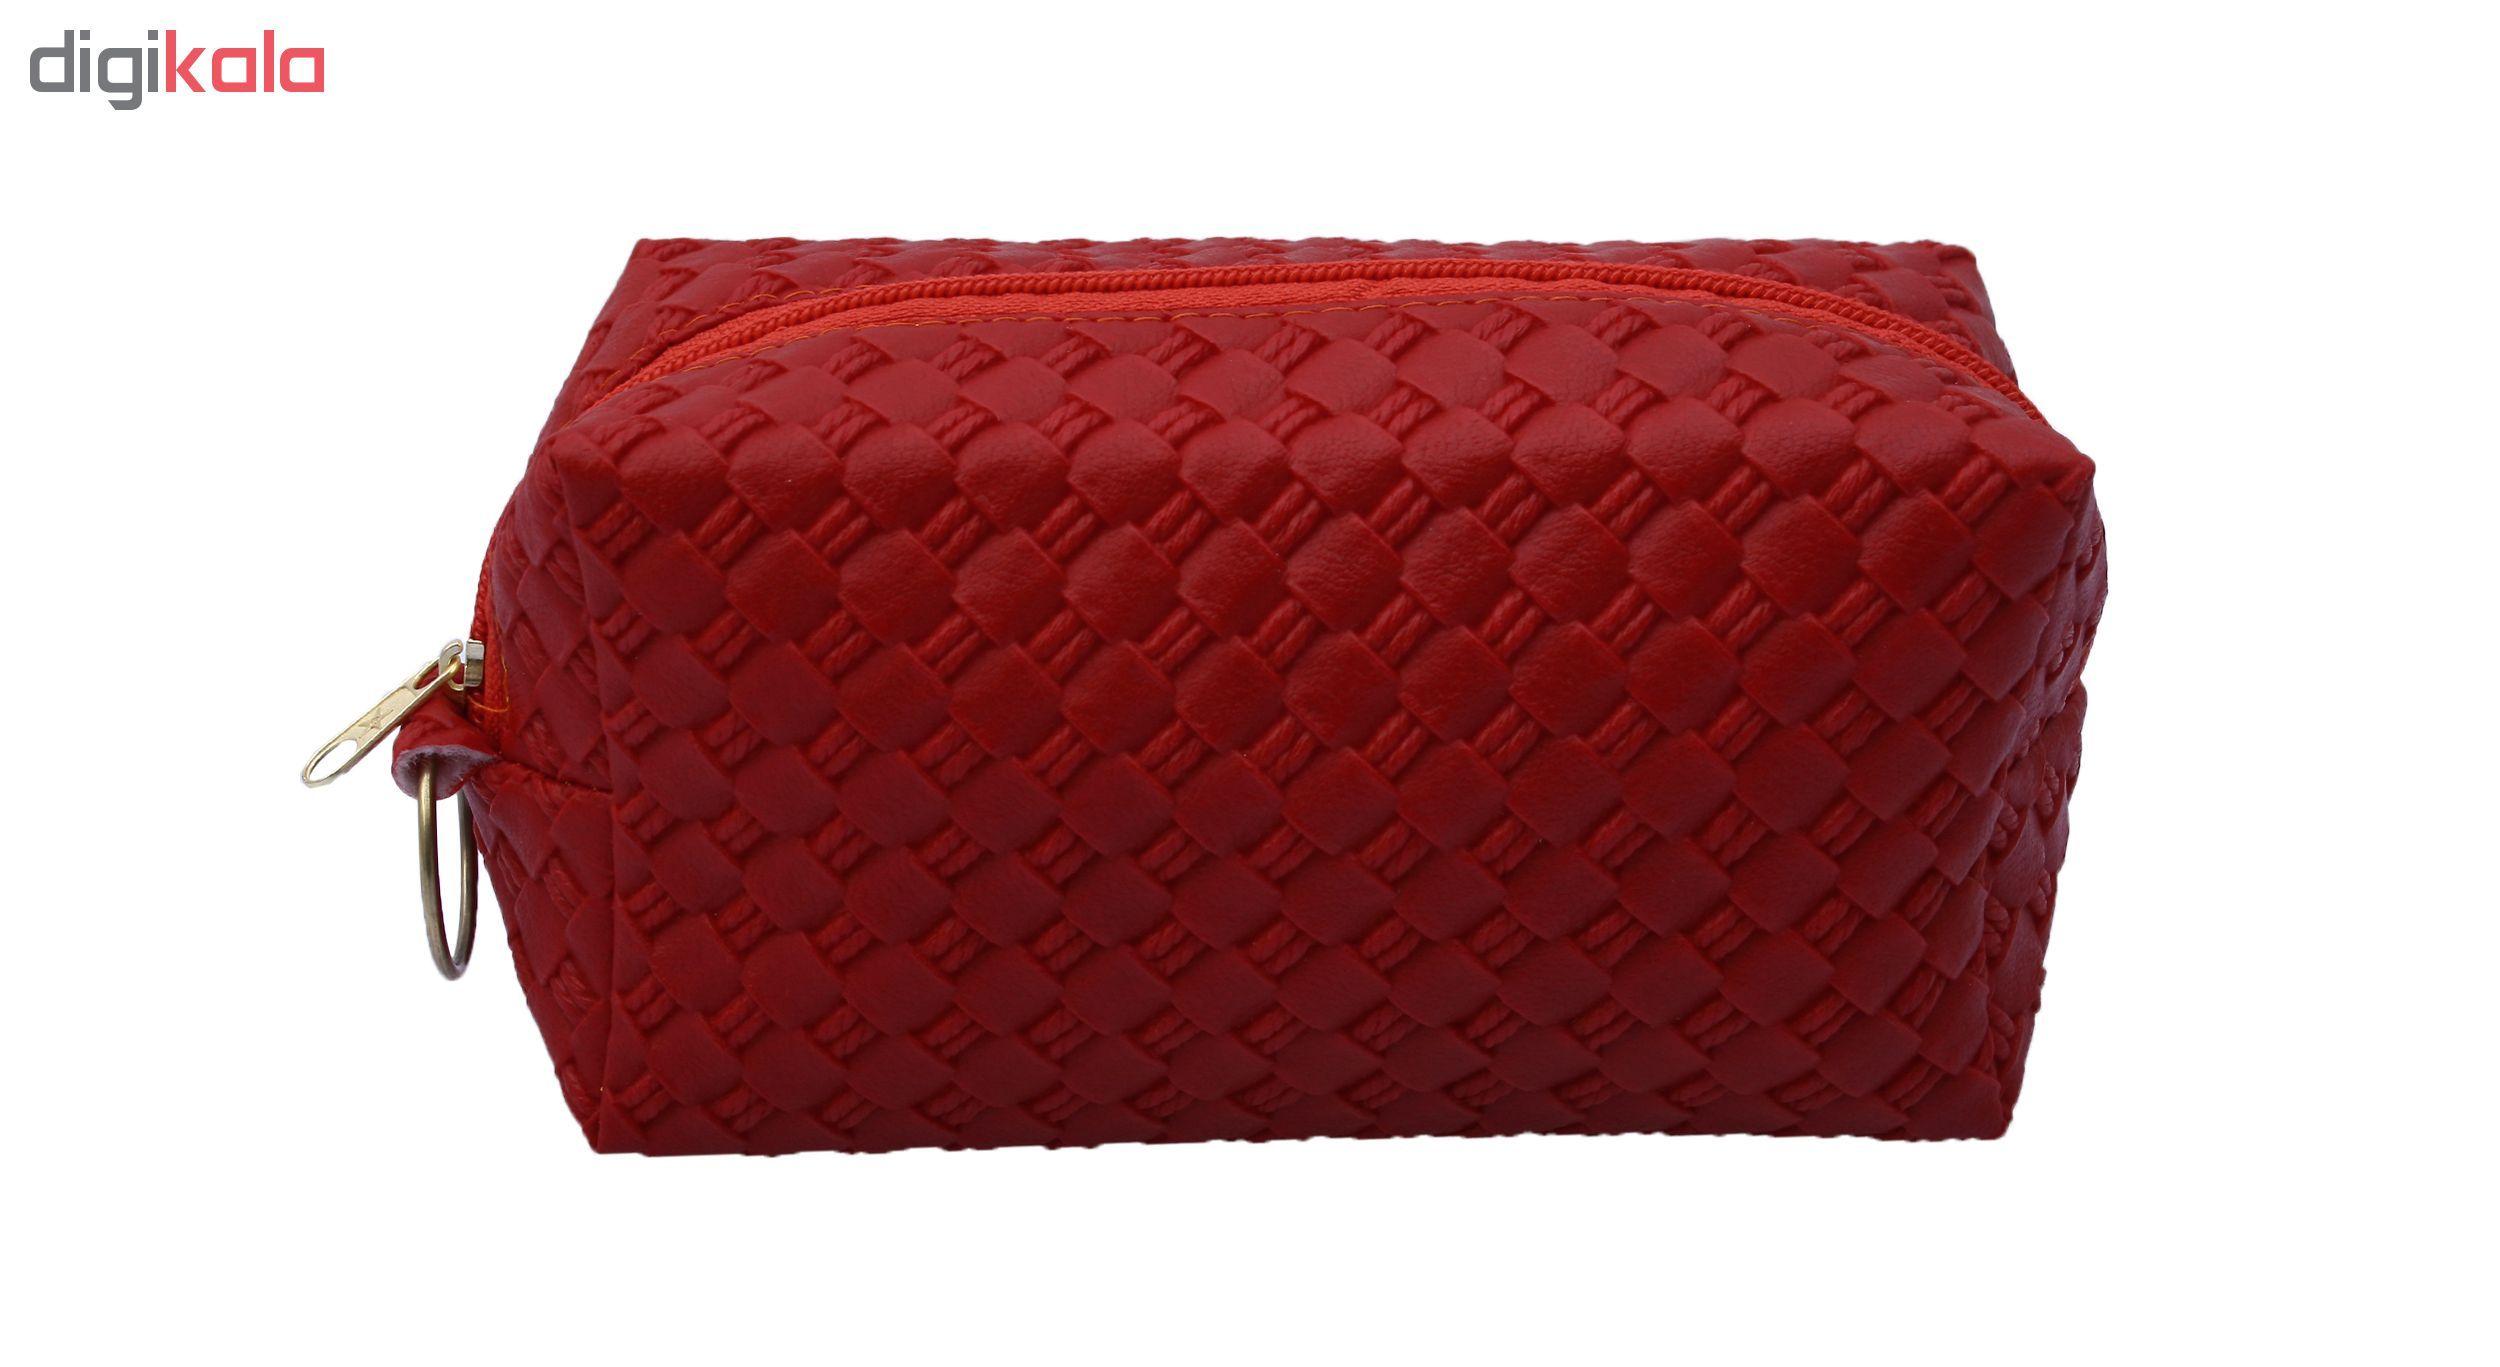 کیف لوازم آرایش کد GT0103 main 1 11